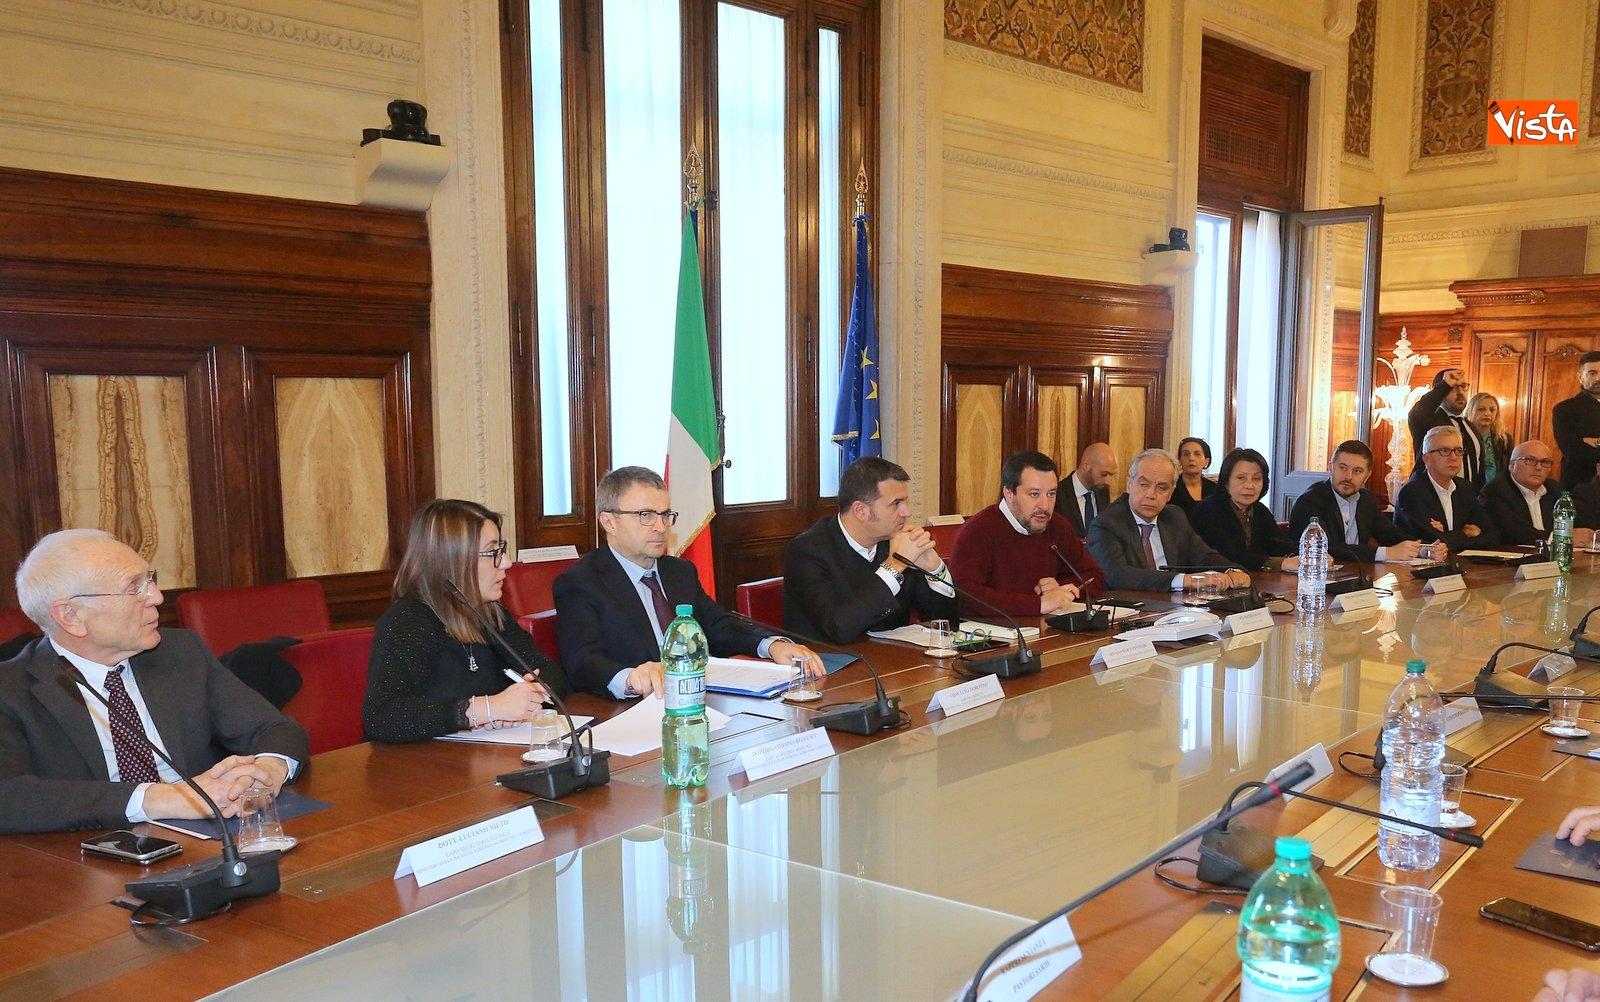 14-02-19 Salvini incontr una delegazione di pastori sardi le immagini_03